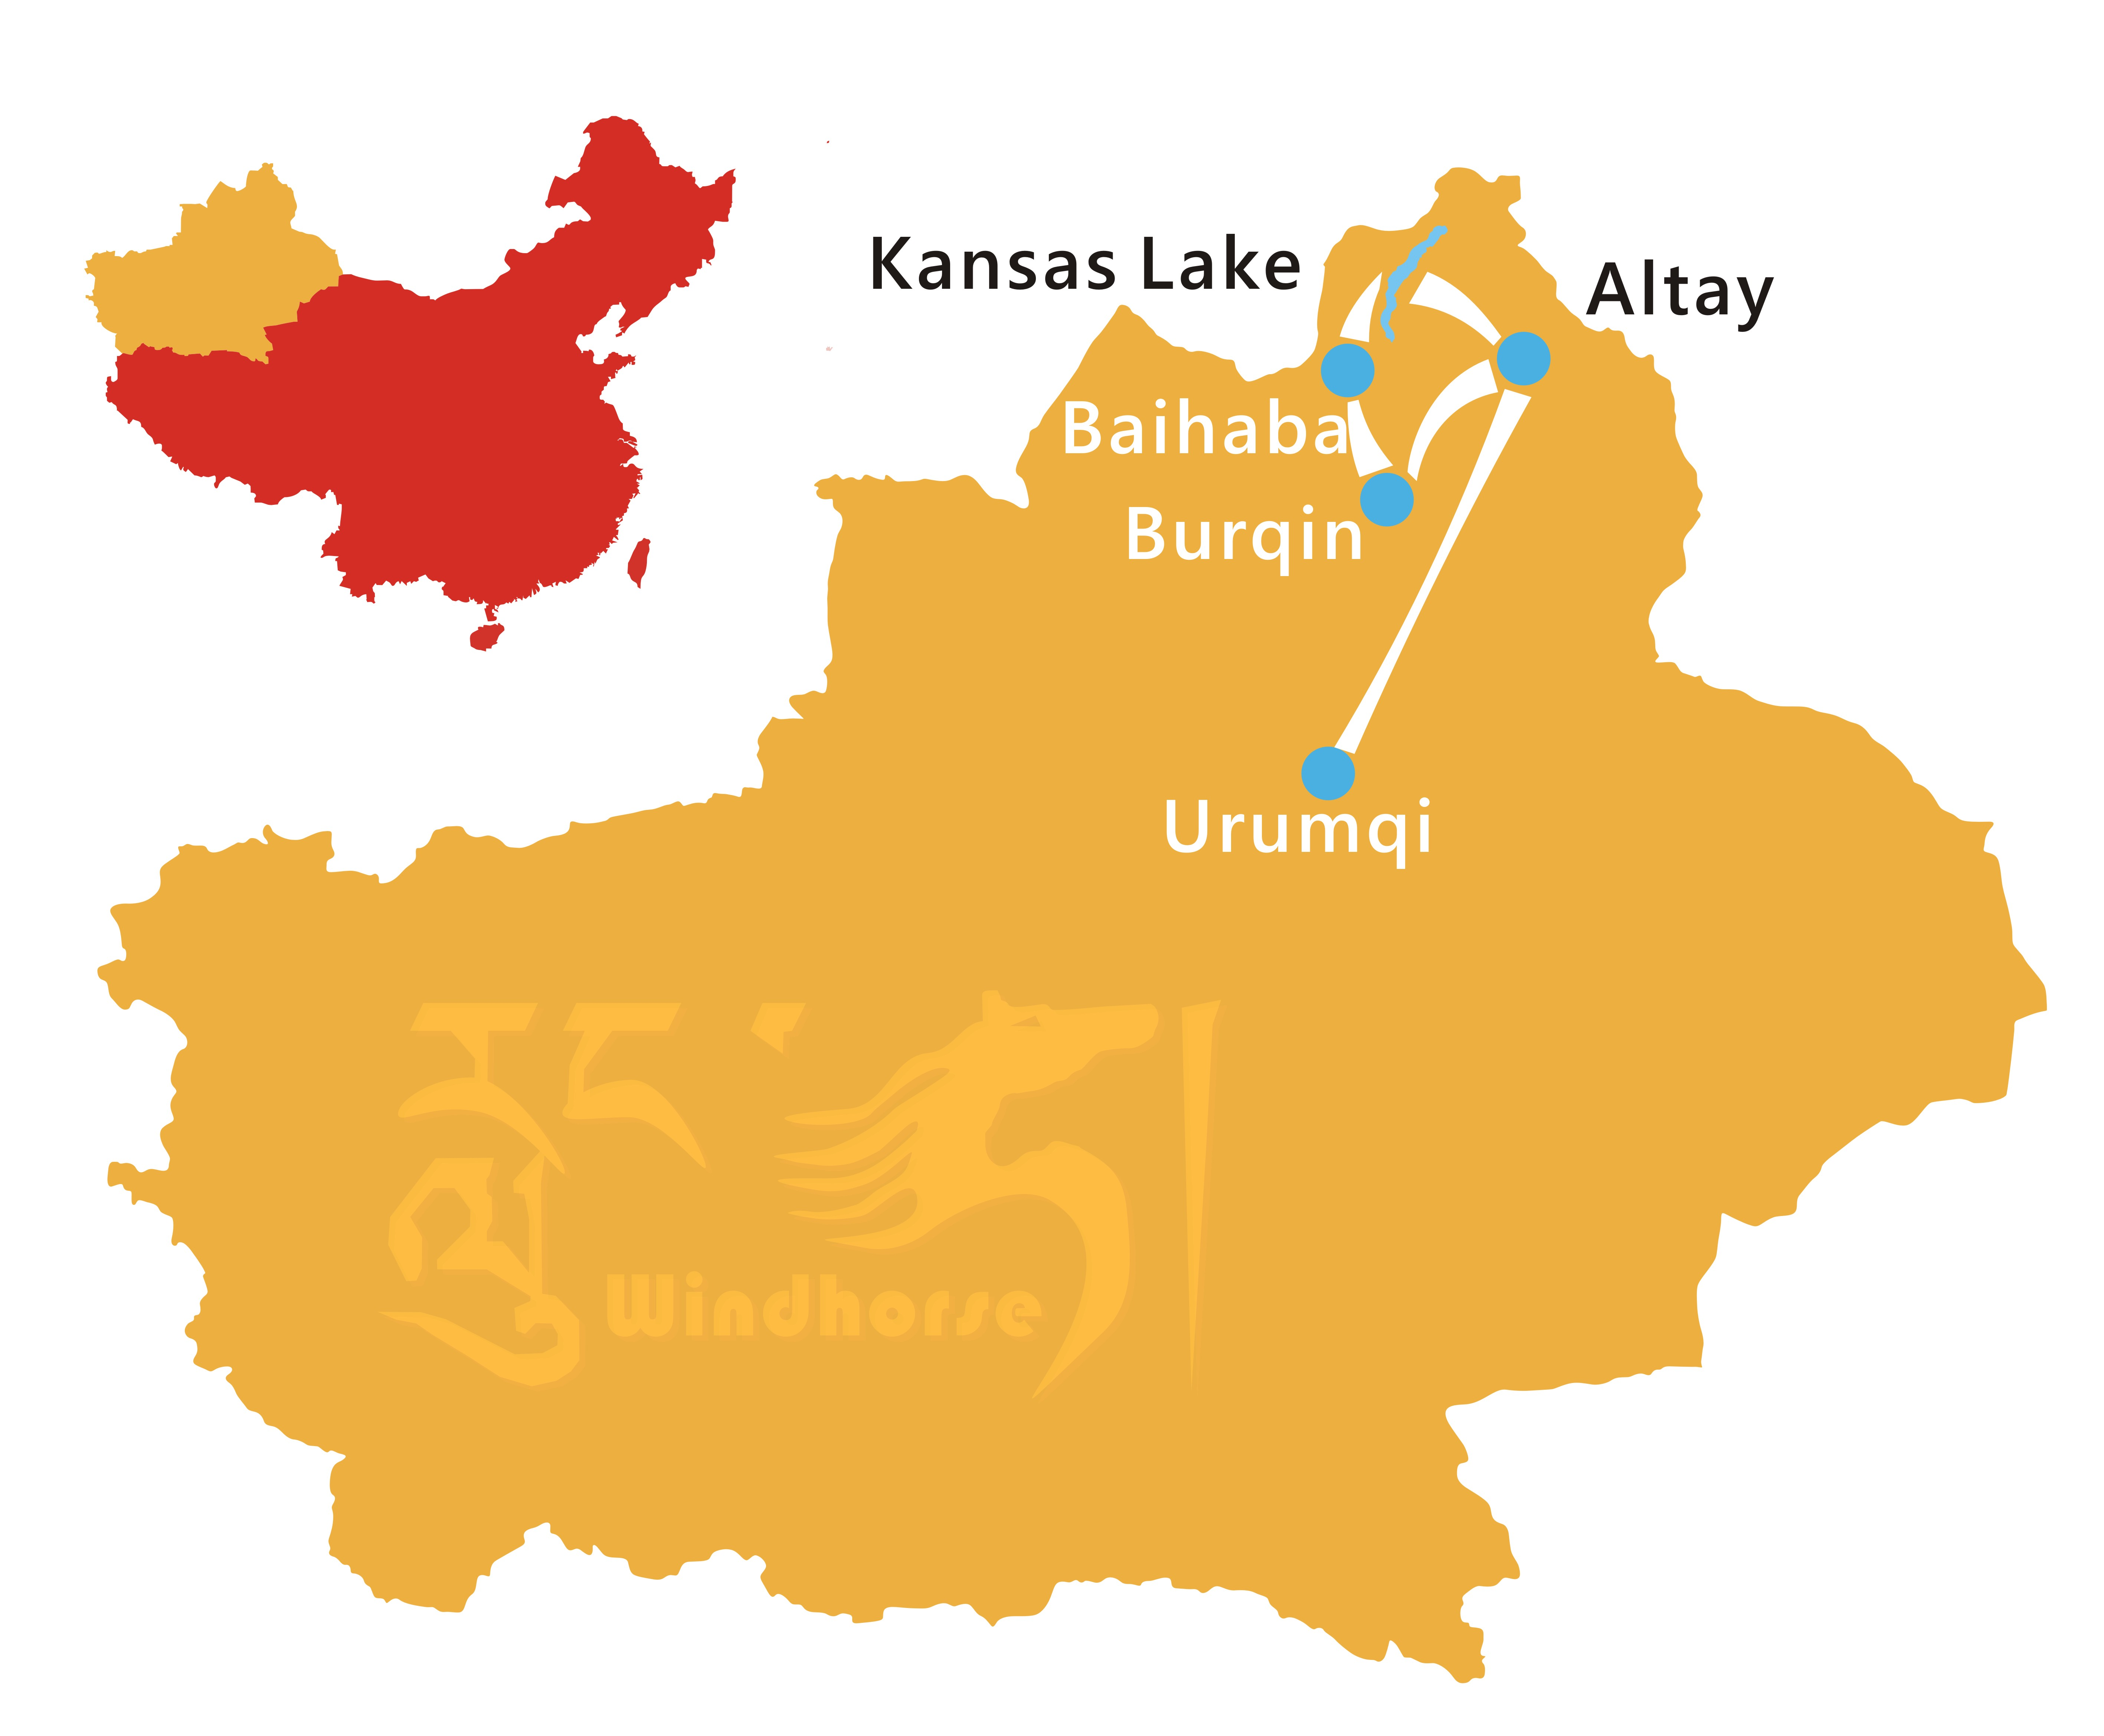 Kanas Lake Tour Route